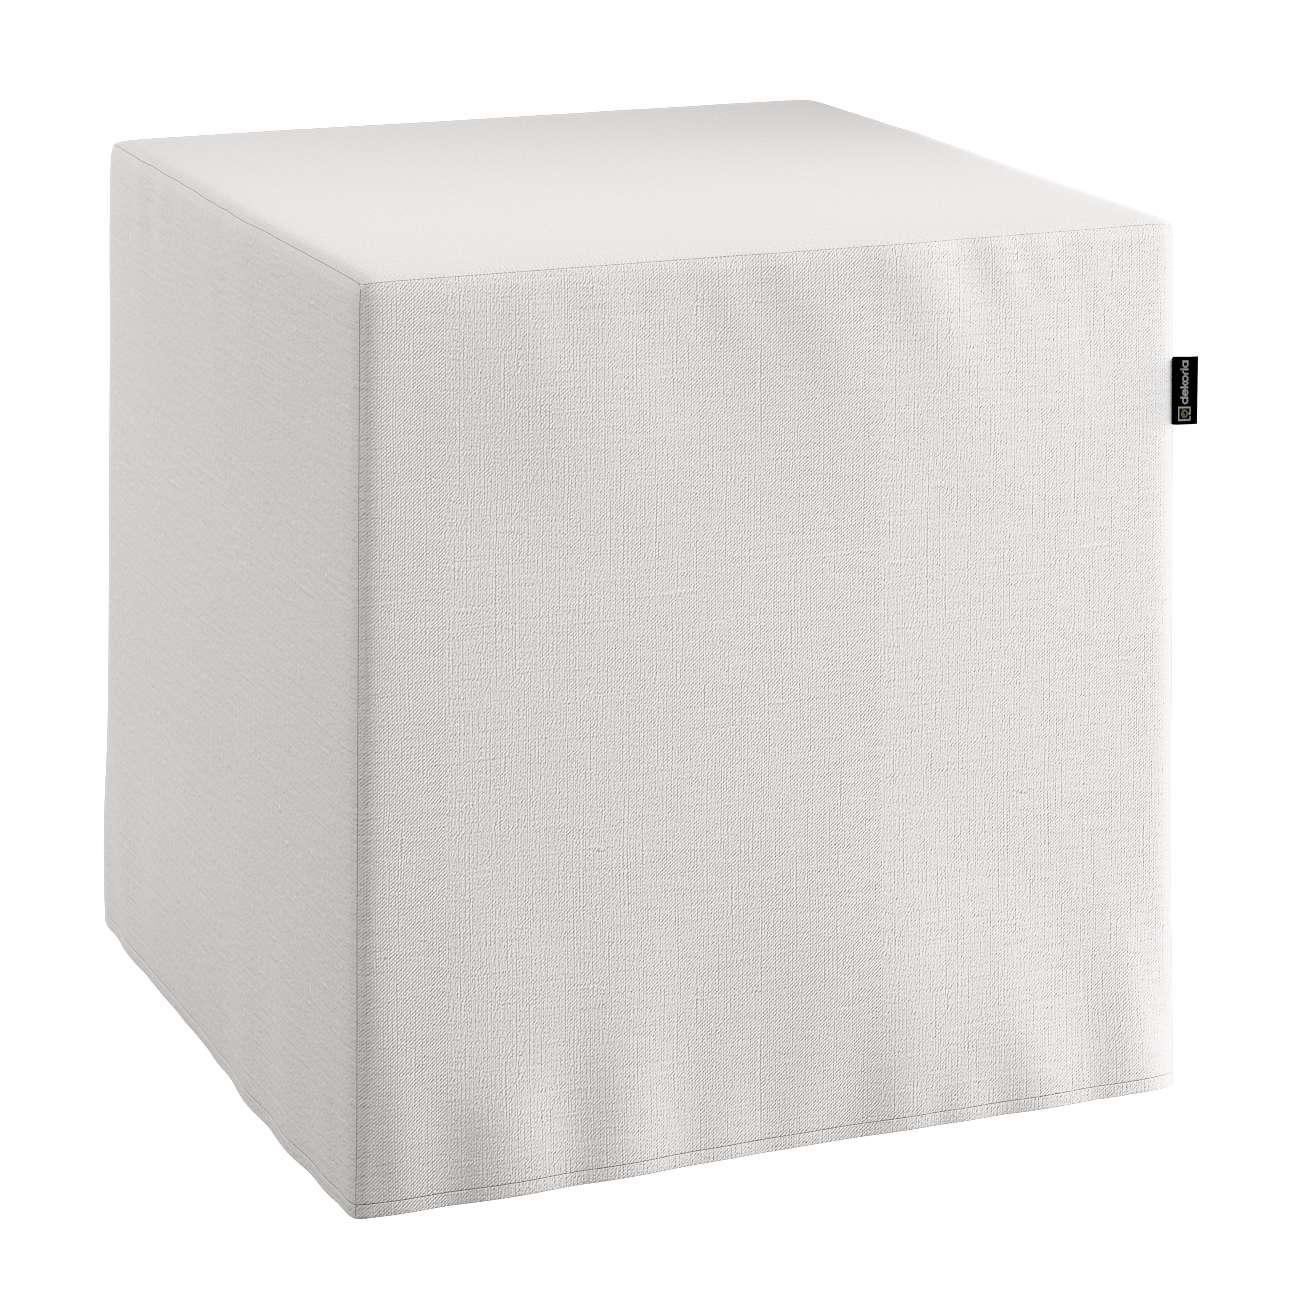 Taburetka tvrdá, kocka V kolekcii Linen, tkanina: 392-04